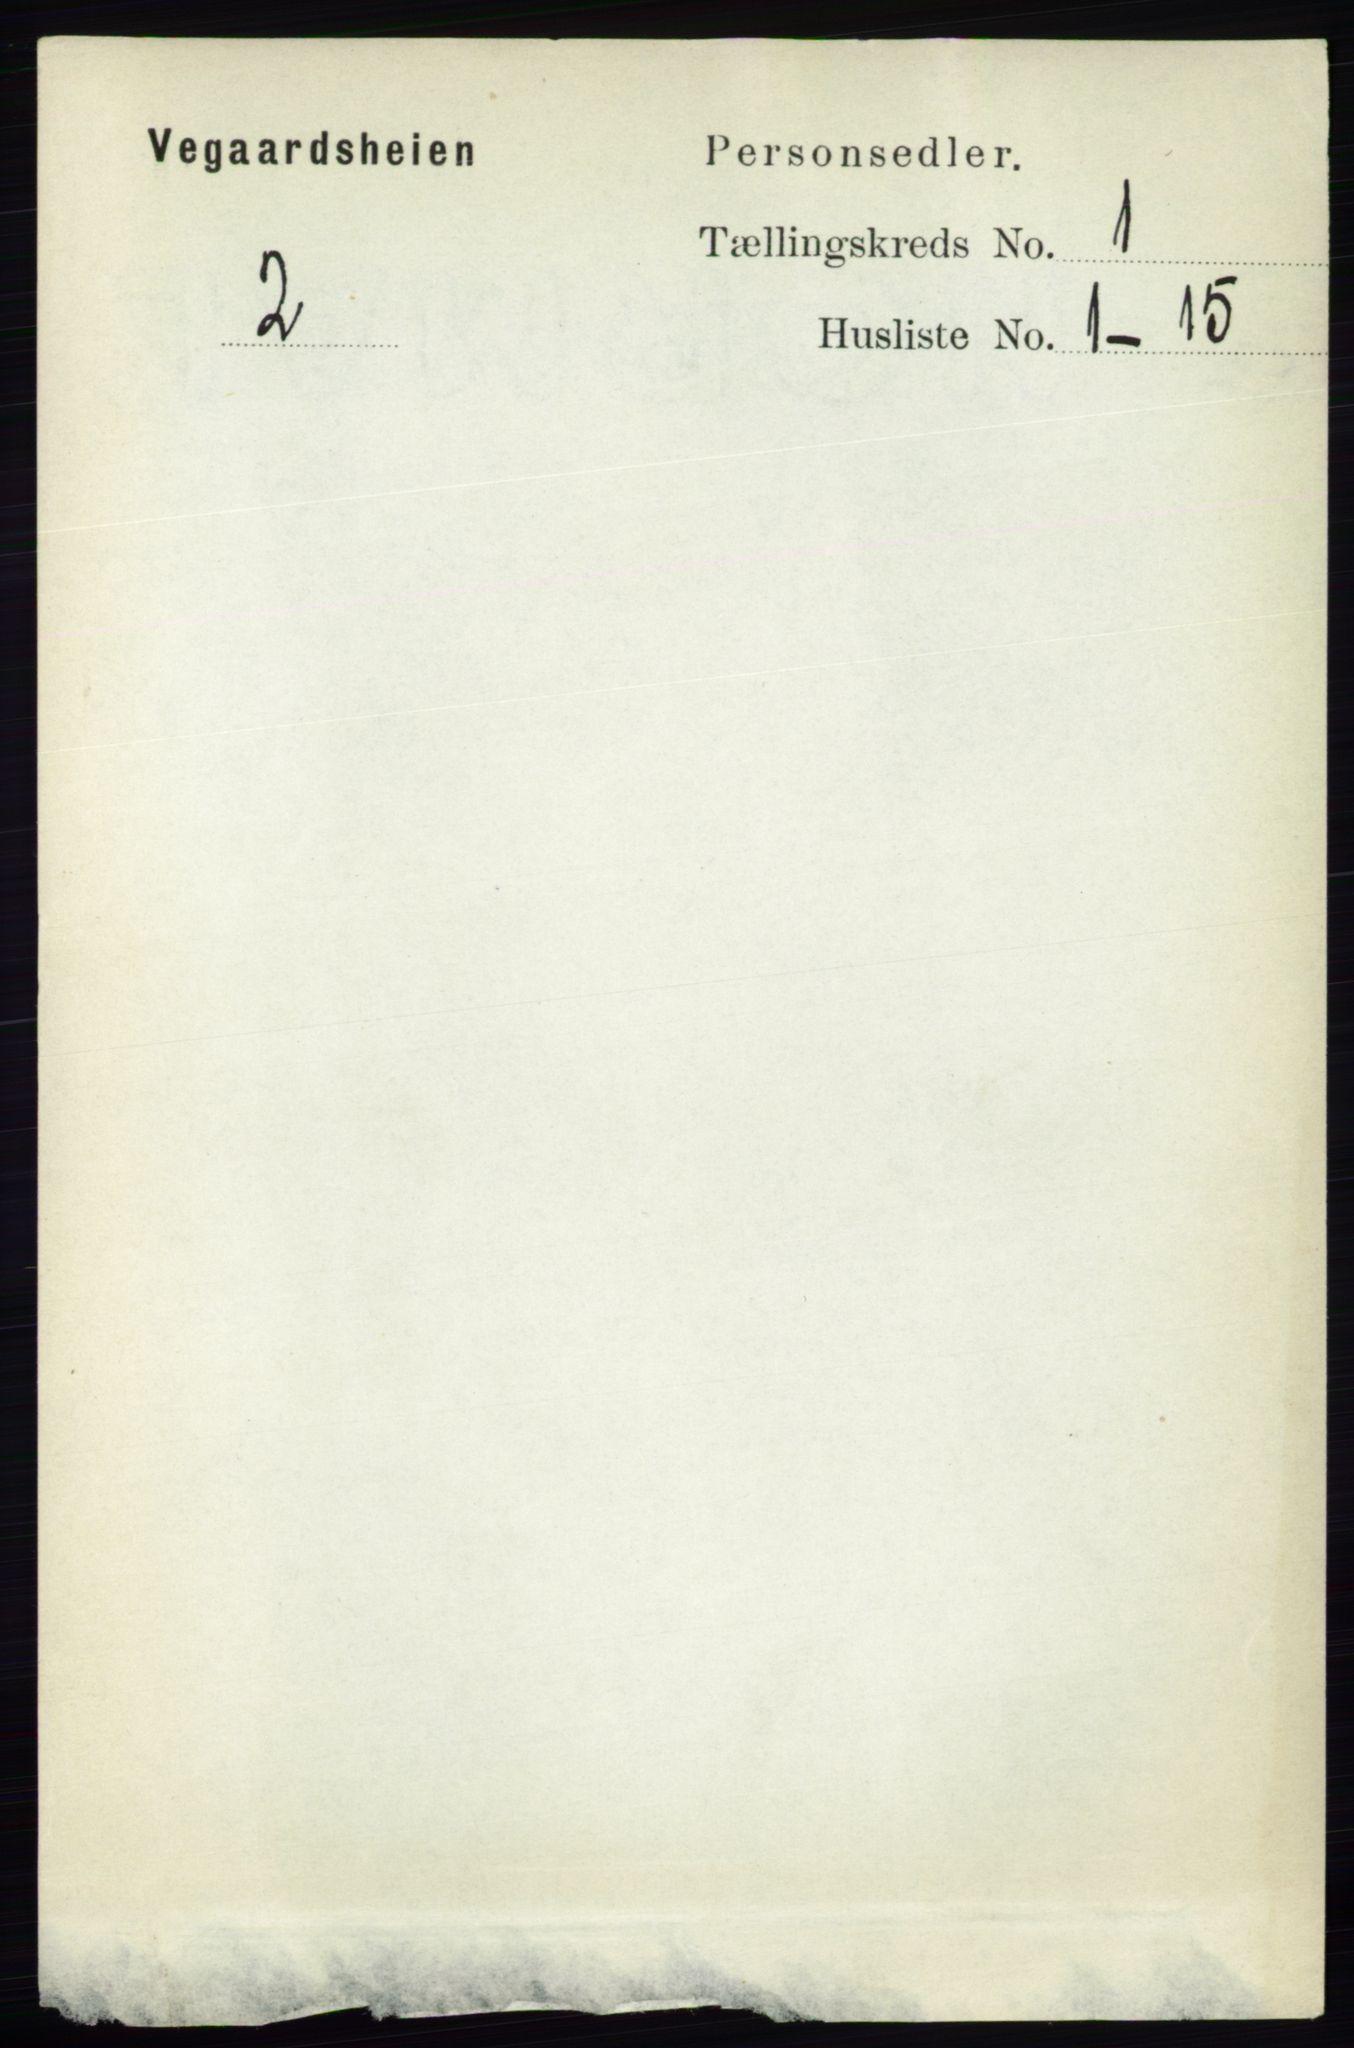 RA, Folketelling 1891 for 0912 Vegårshei herred, 1891, s. 65